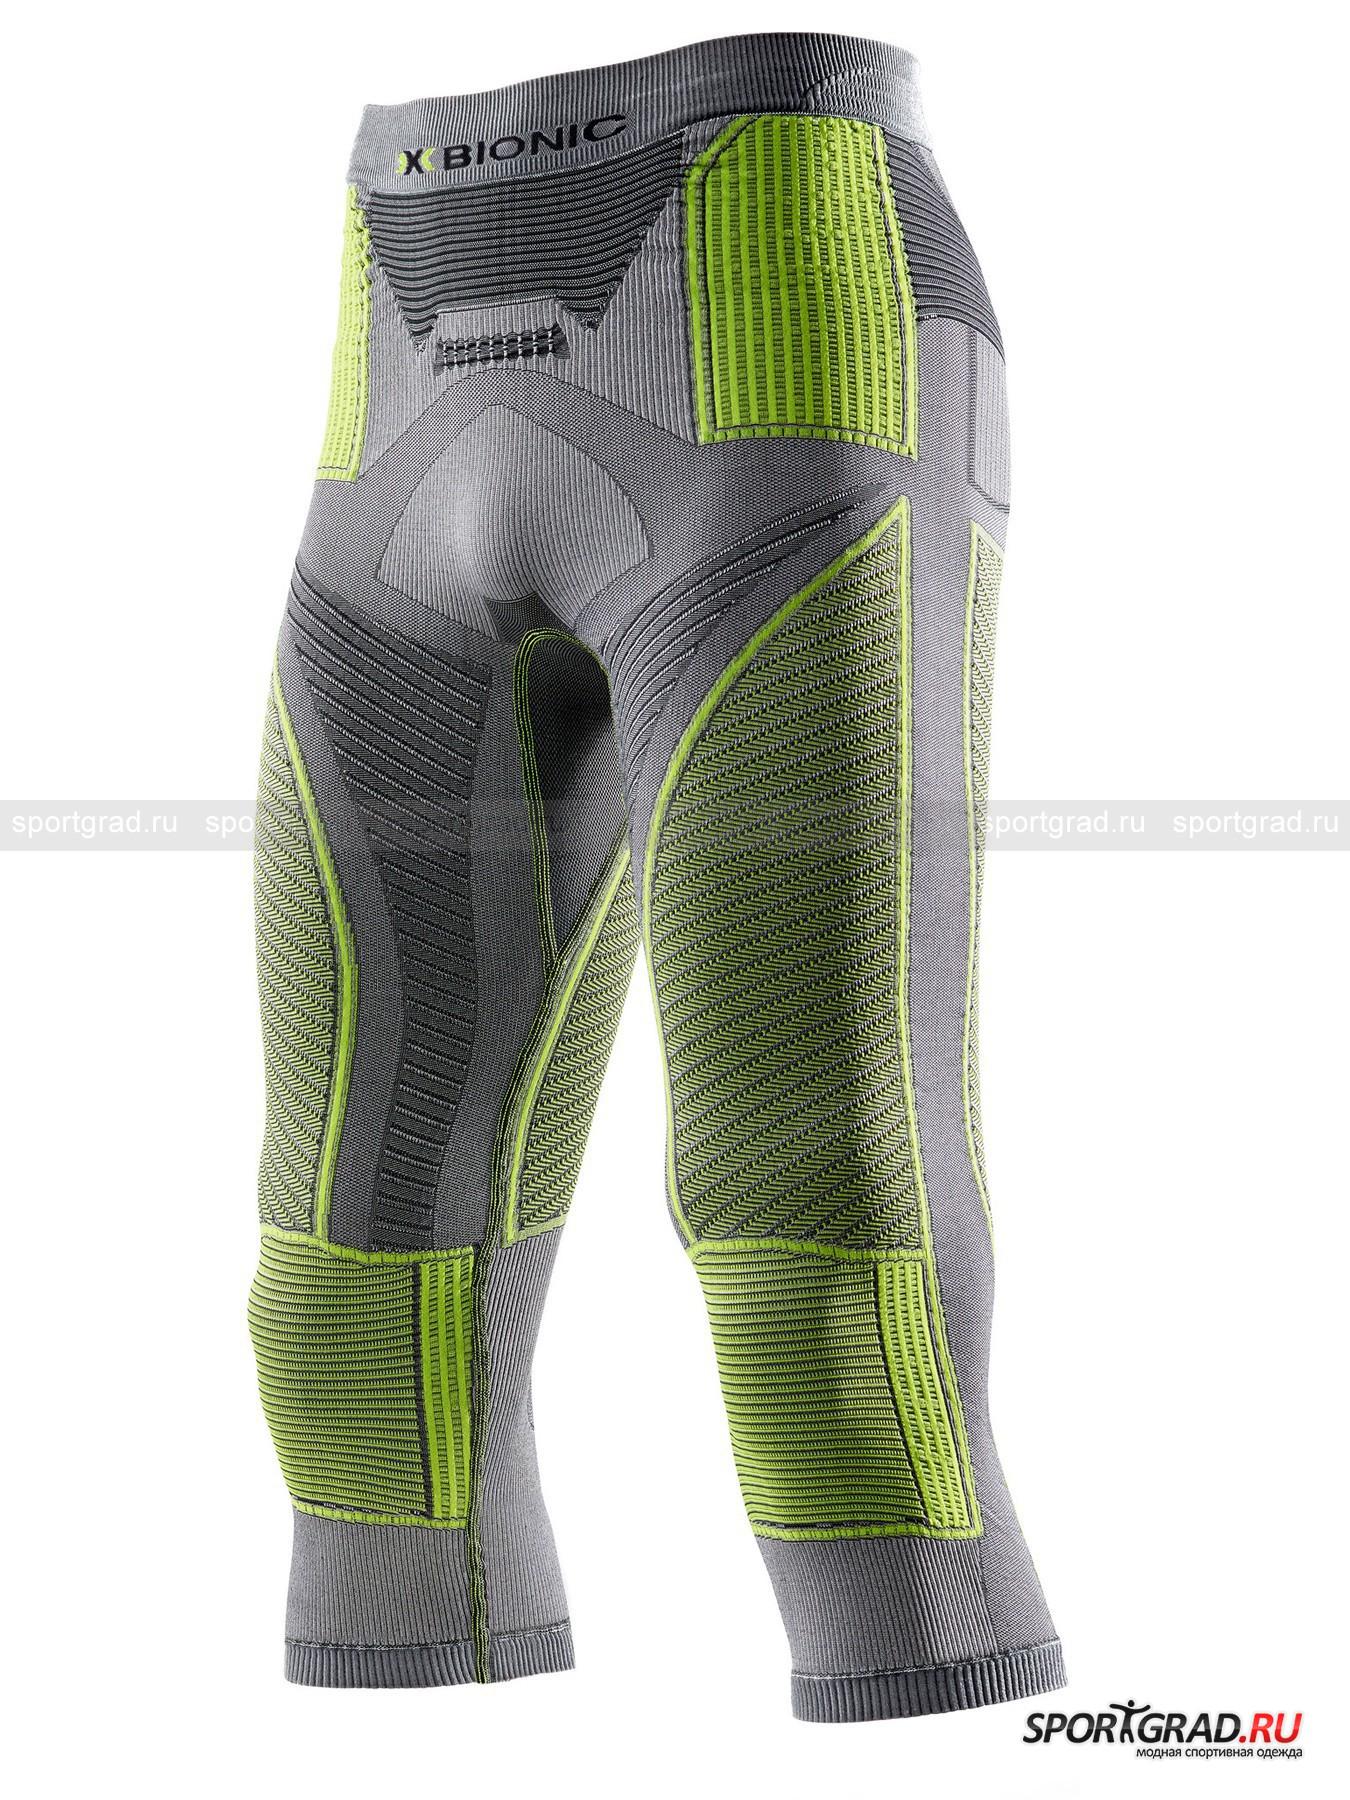 Белье: термобриджи мужские 3/4 X-BIONIC RADIACTOR  EVO MAN для спорта и охоты